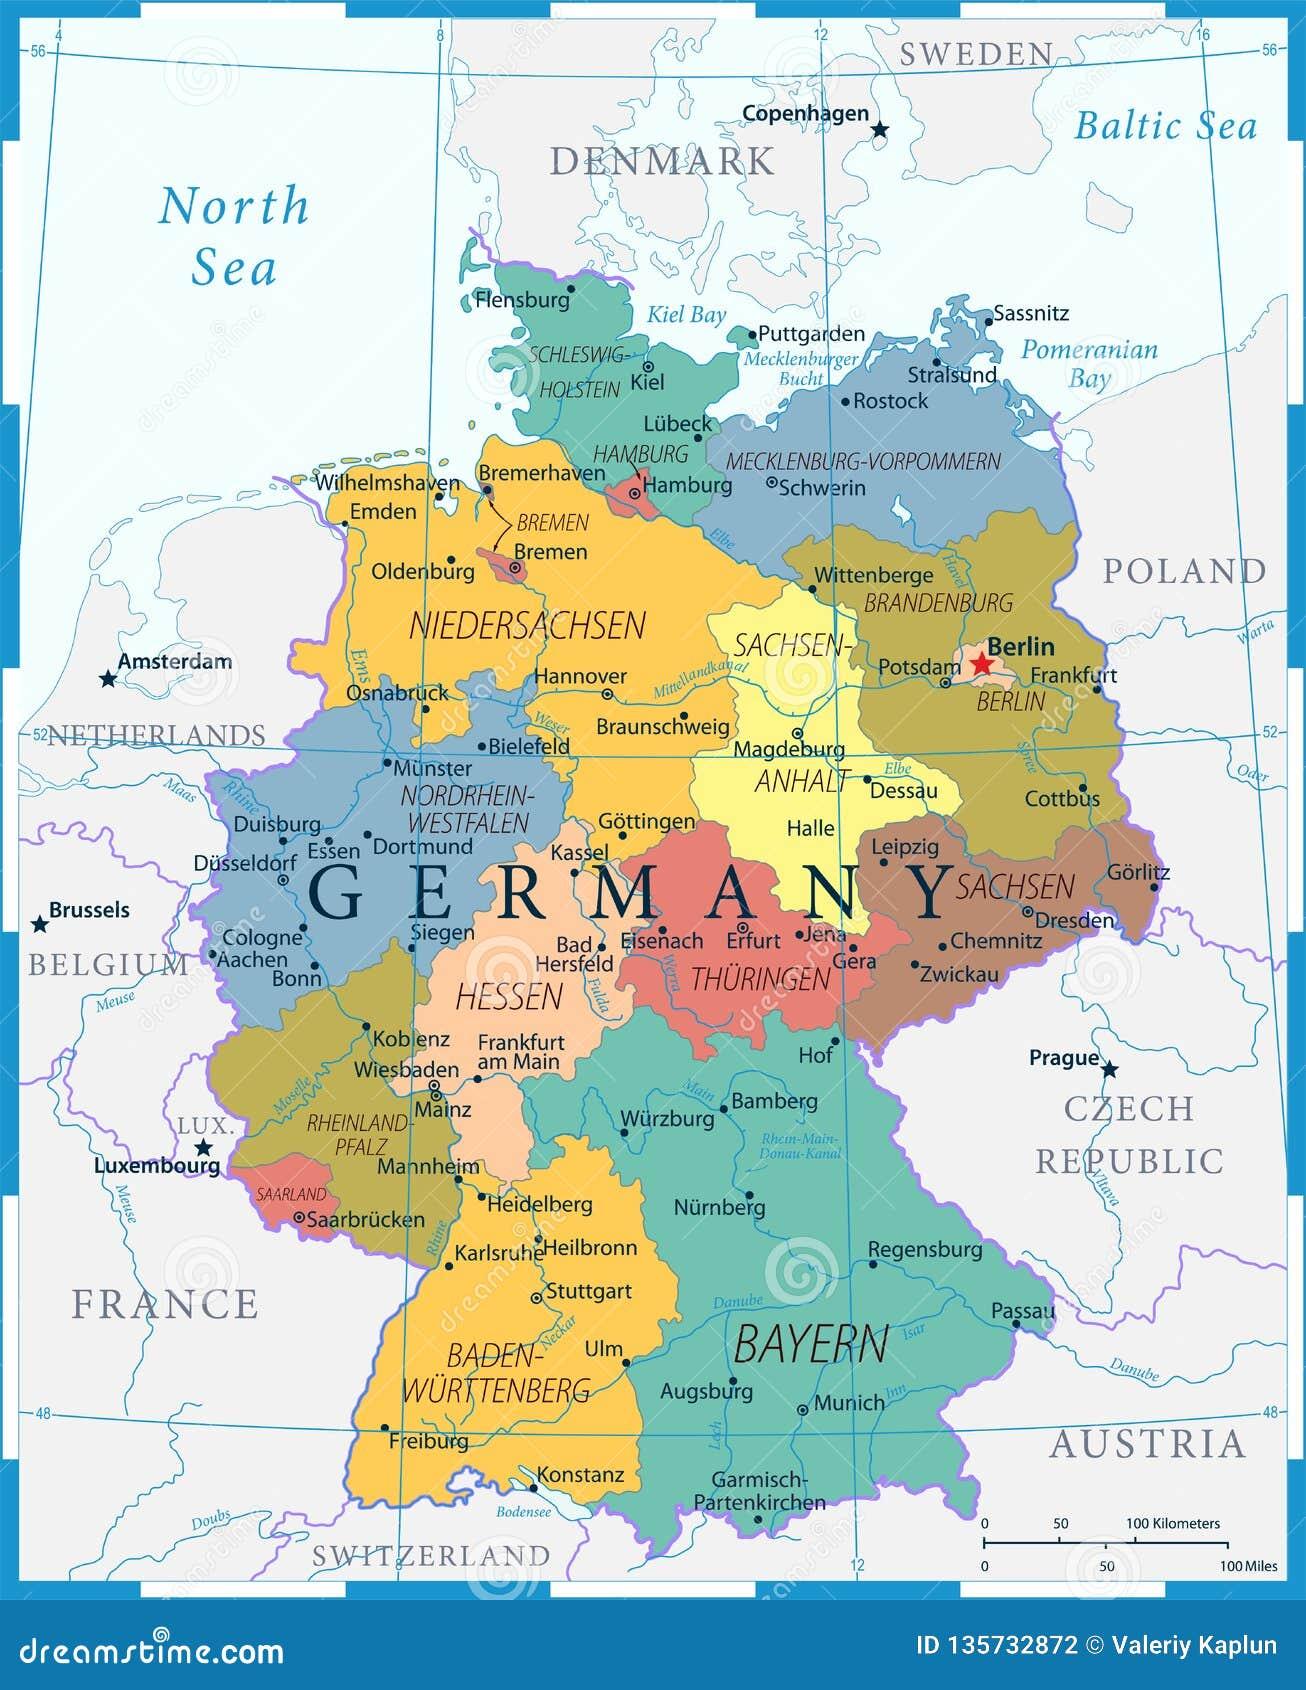 Niemcy Mapa Wysoce Szczegolowa Wektorowa Ilustracja Kolor Siatka